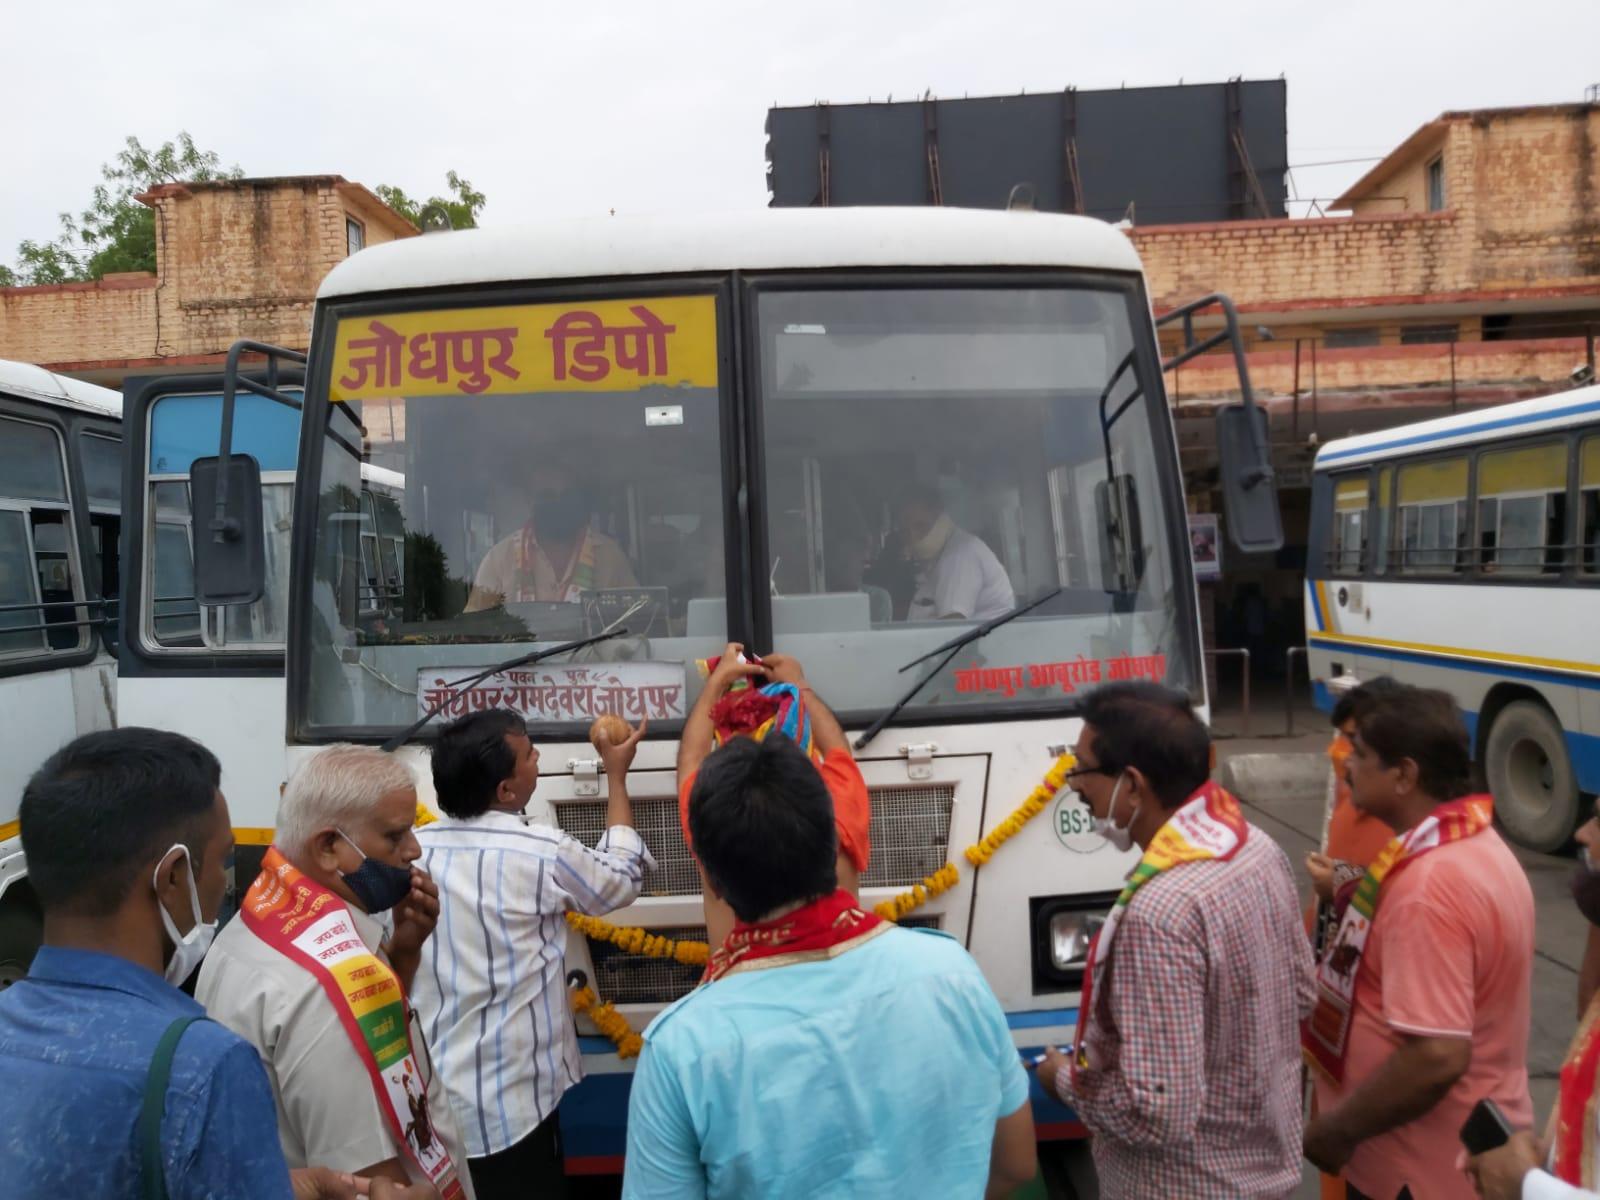 रविवार कर्फ्यू हटने के साथ ही रोडवेज अनलॉक करेगा दस बसें, अहमदाबाद के लिए भी शुरु होगी बस|जोधपुर,Jodhpur - Dainik Bhaskar